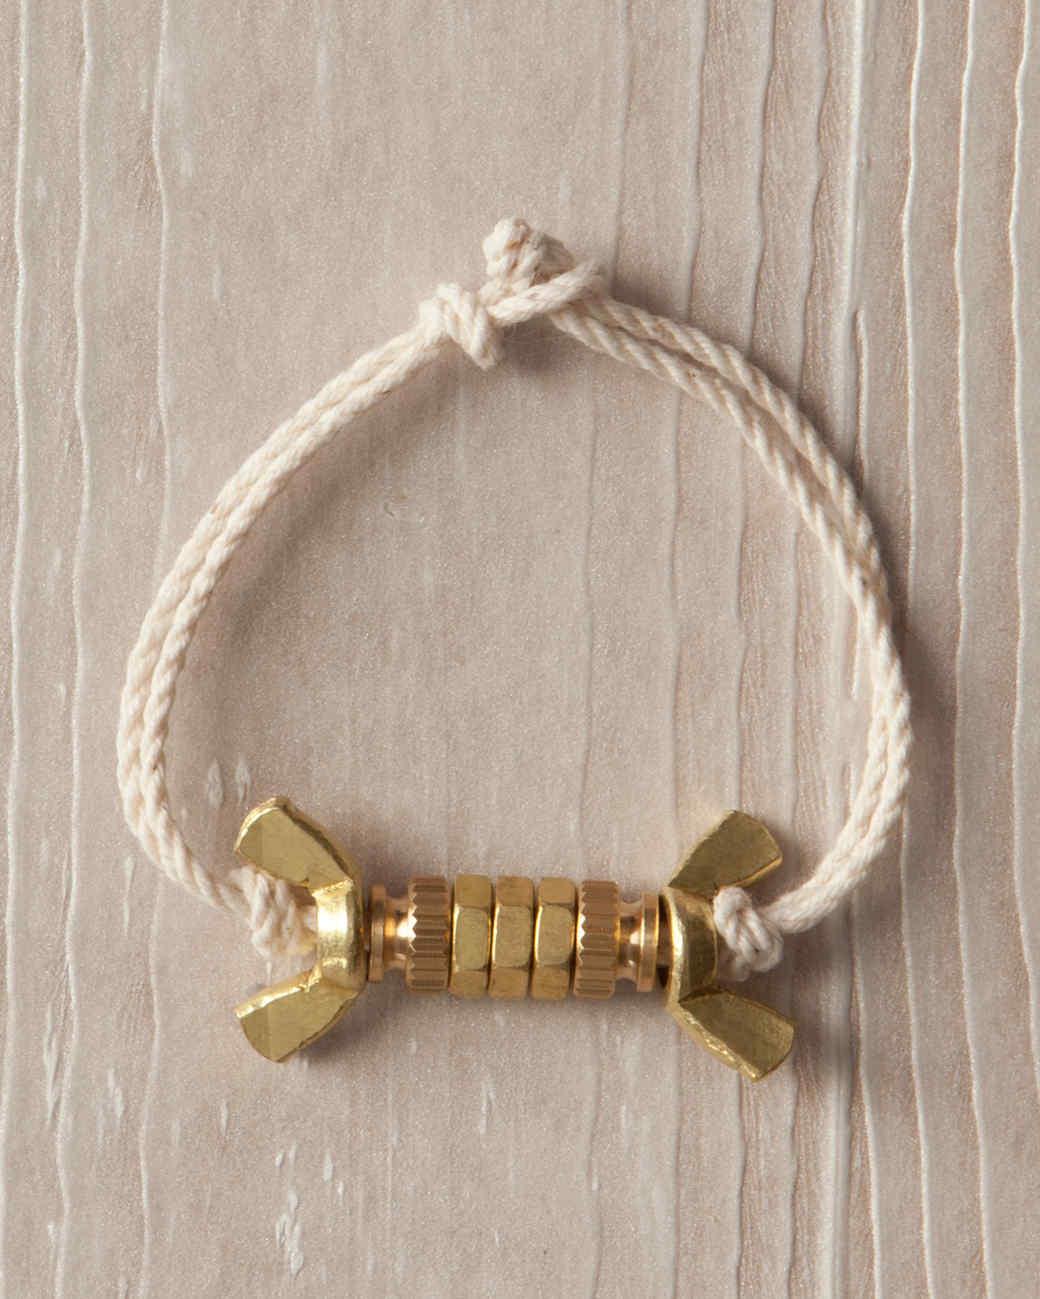 Brass-Nut Bracelet